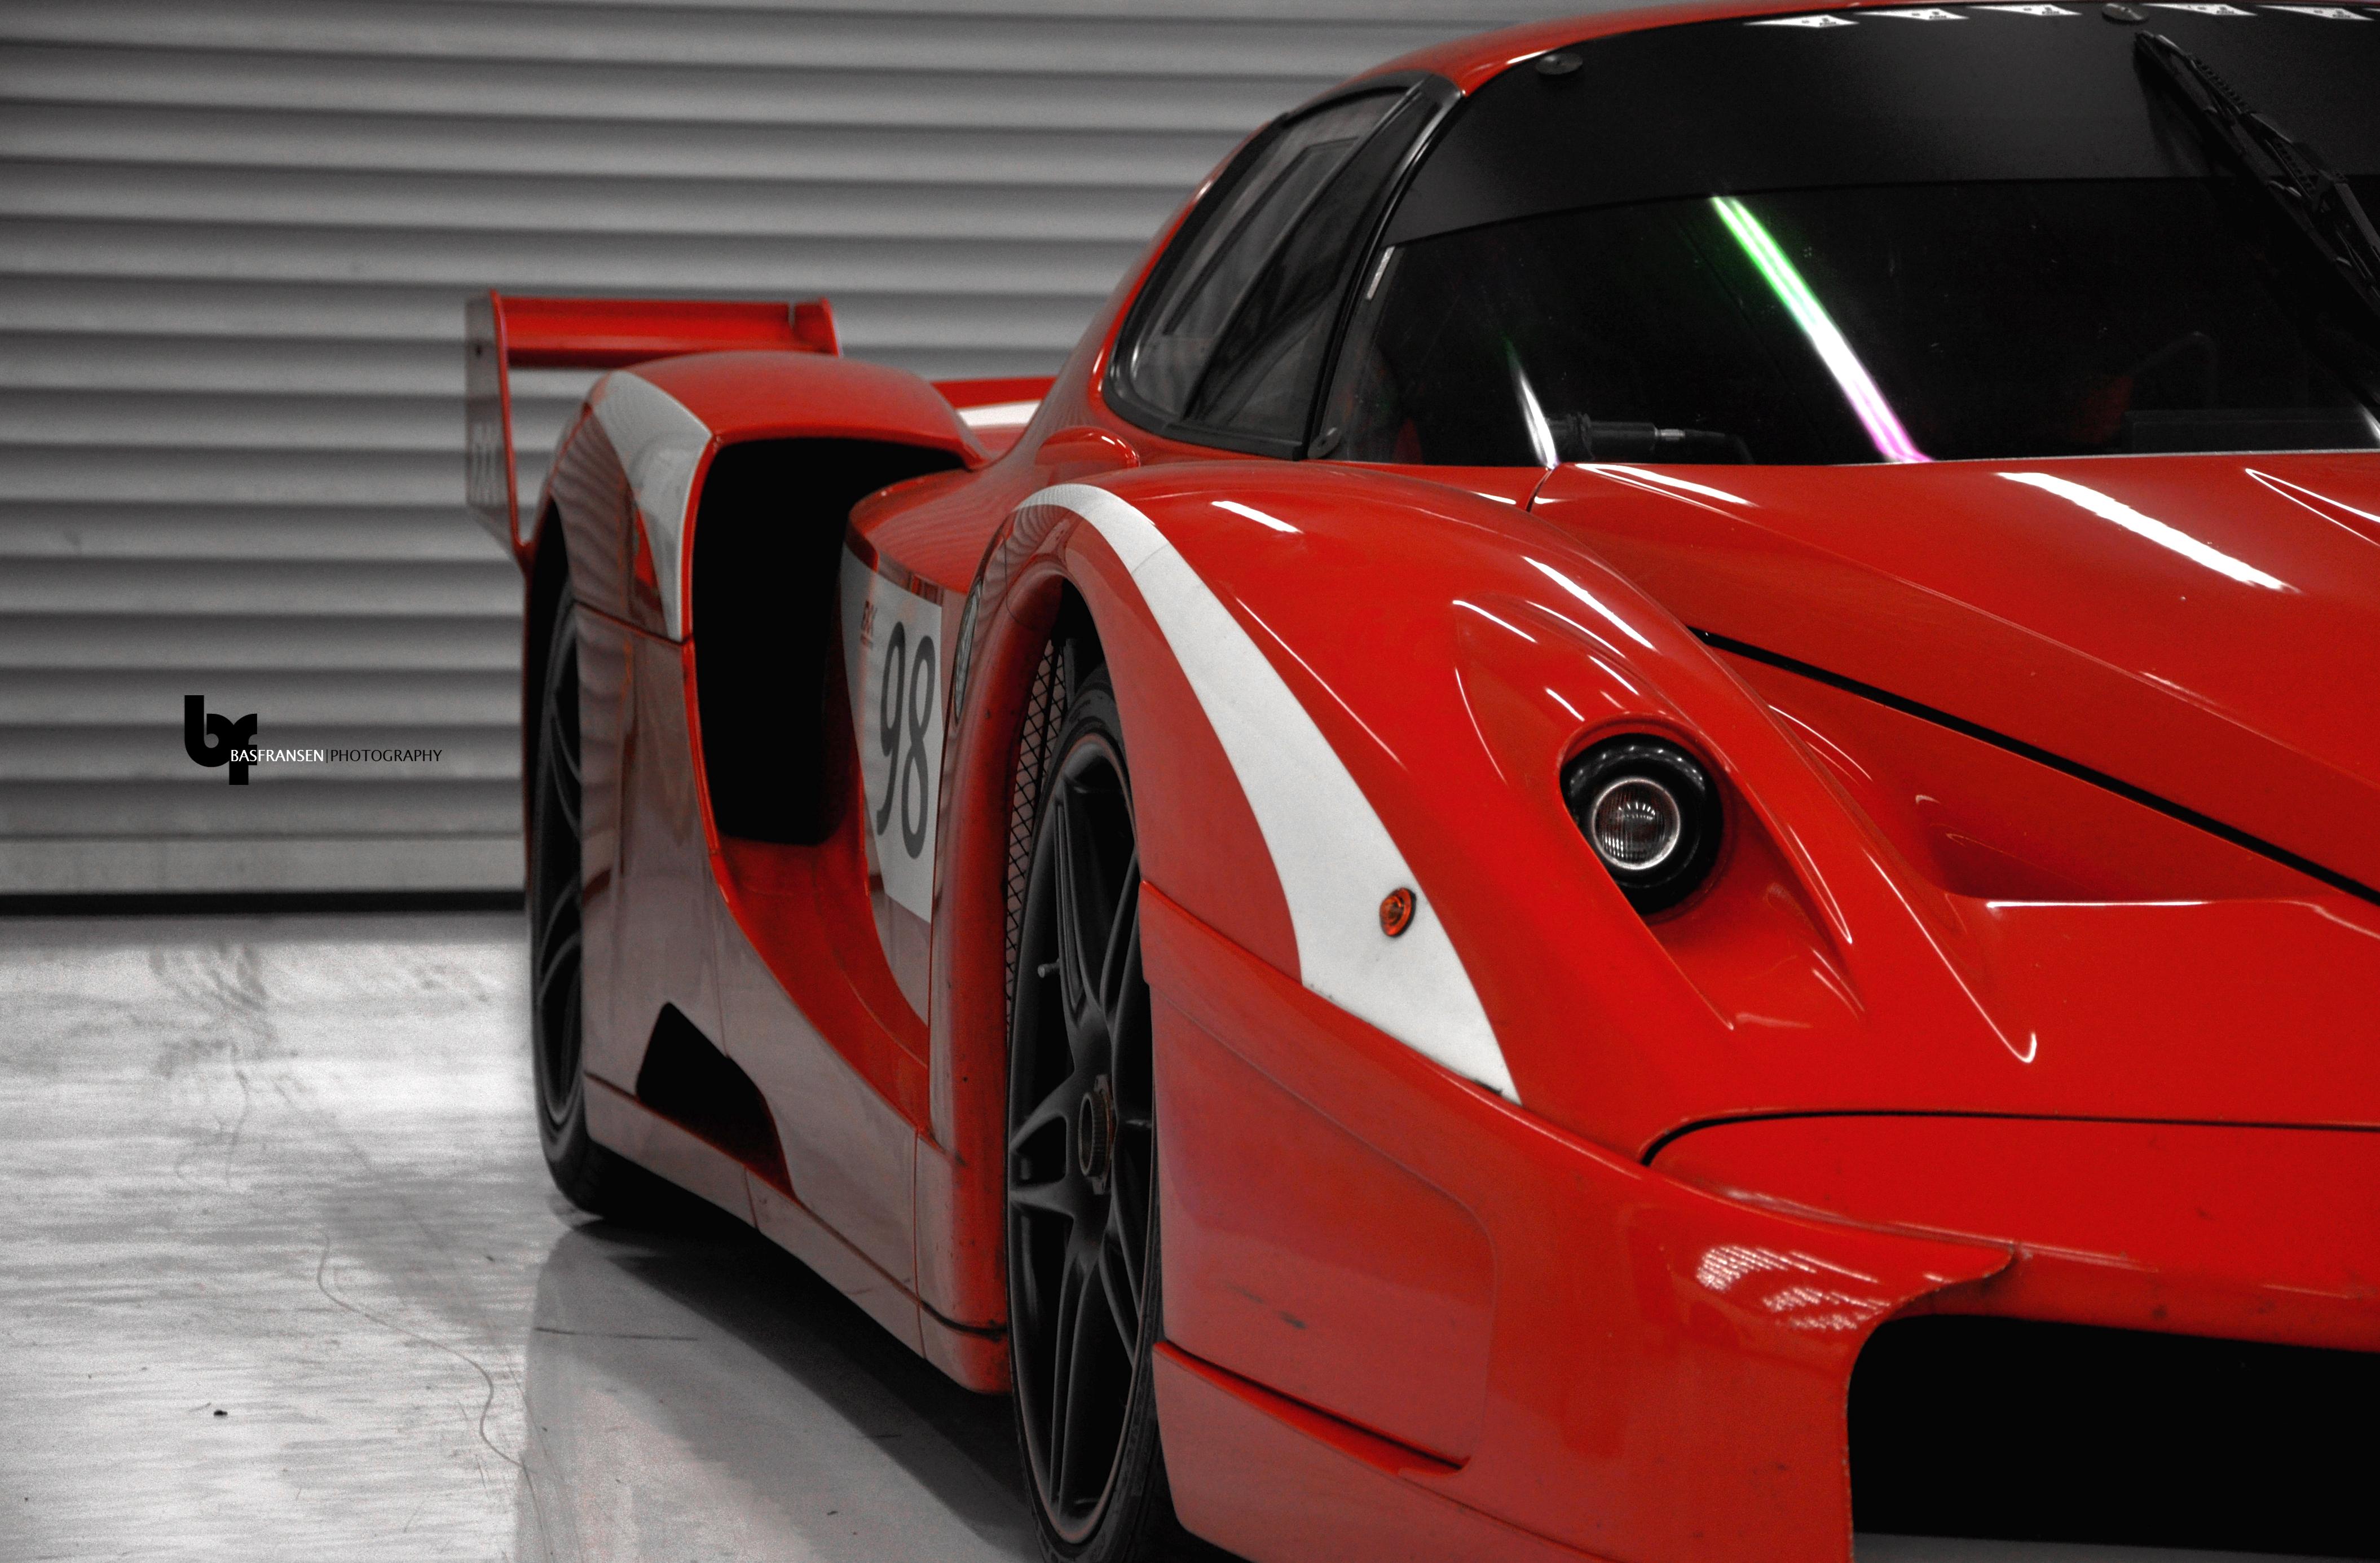 Hintergrundbilder Ferrari Enzo Fxx Ferrarienzofxx Ferrarienzo Detail Google Exklusiv Elected Rot Schnell Heiß 4220x2772 1025839 Hintergrundbilder Wallhere